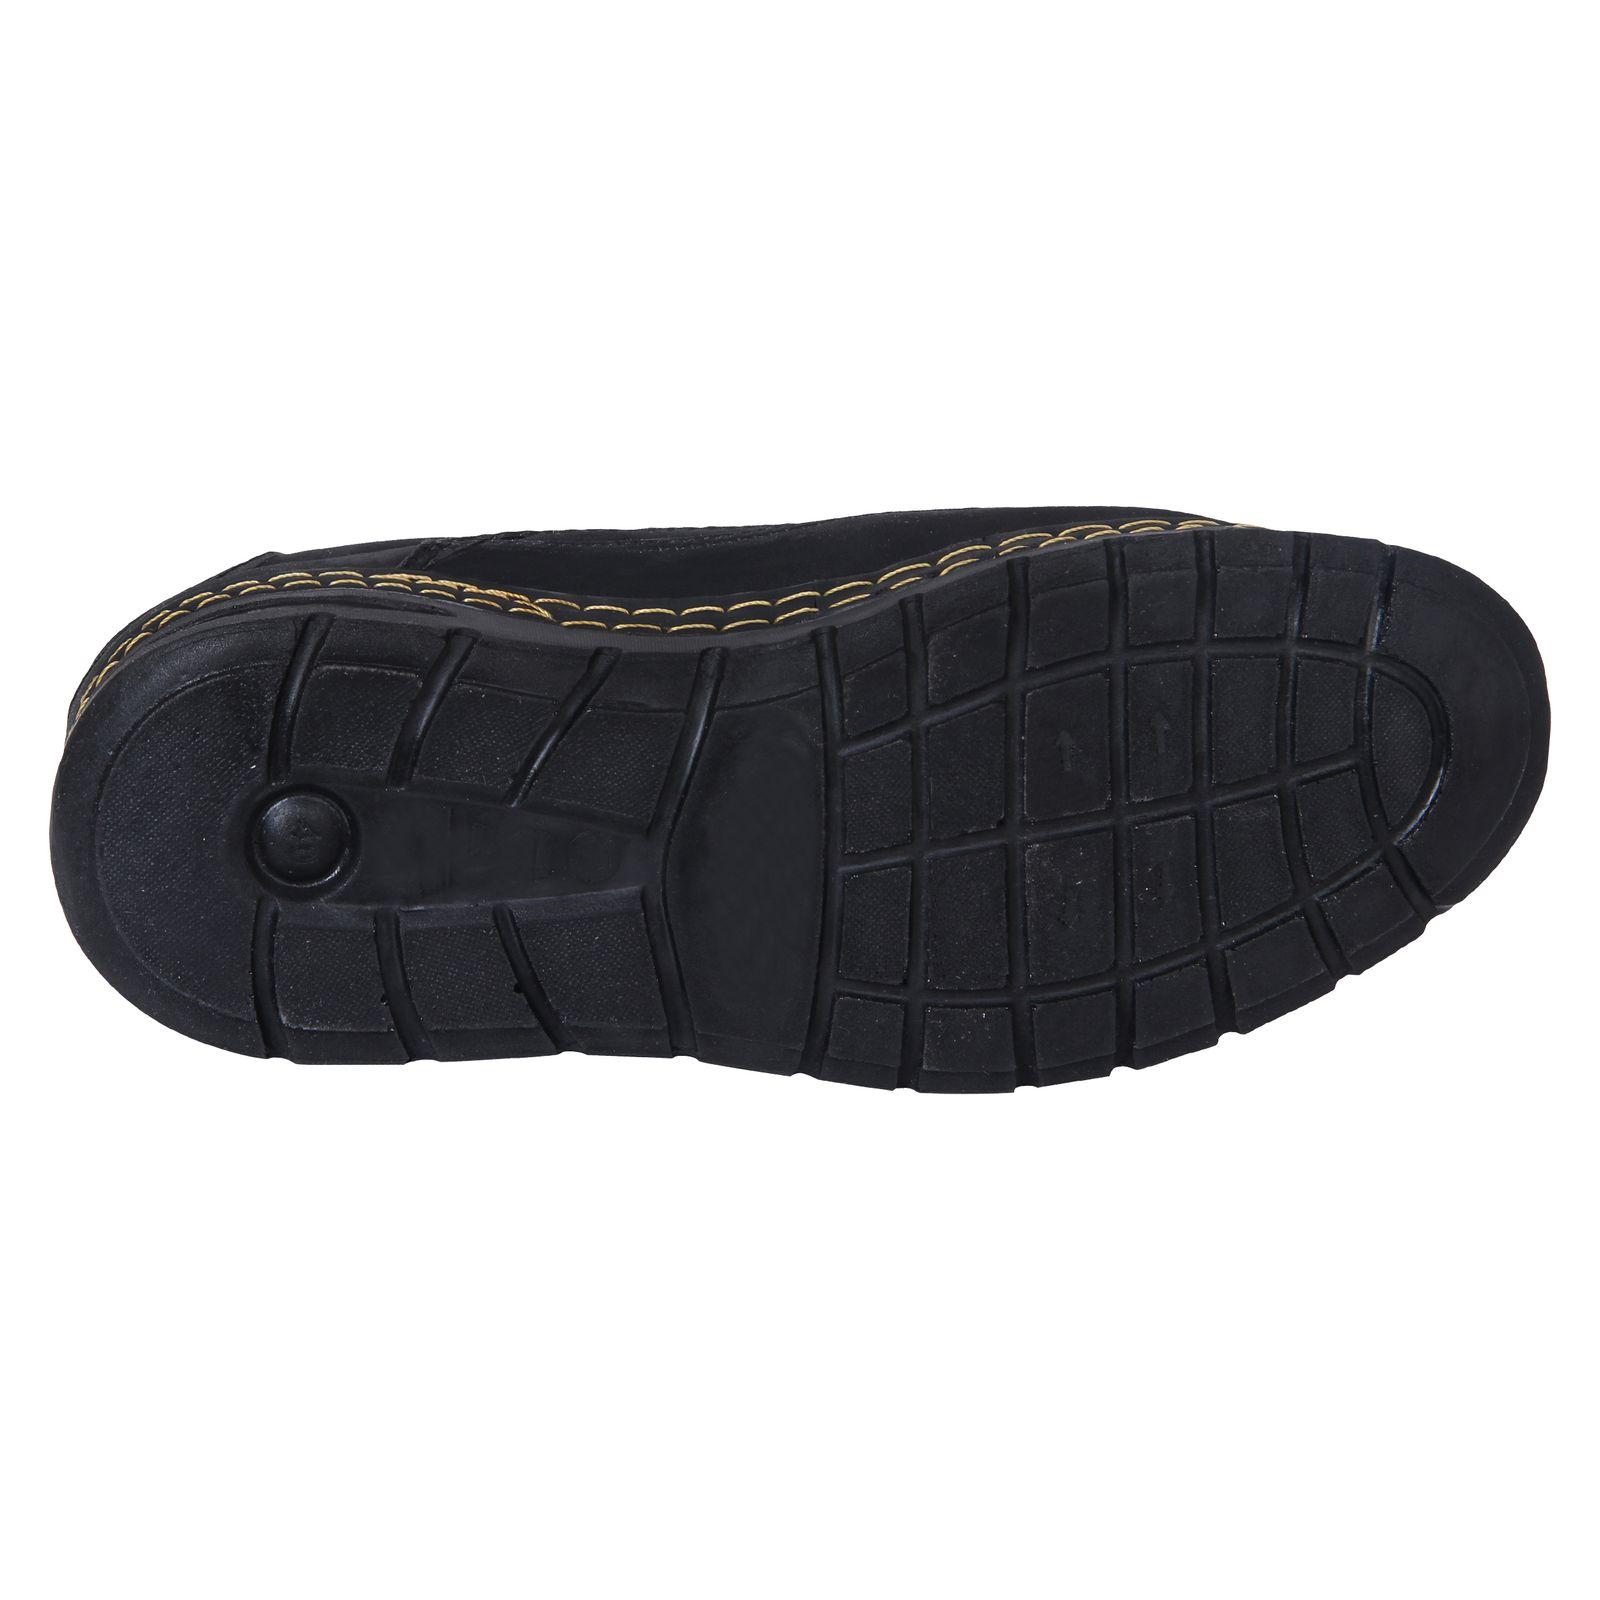 کفش روزمره مردانه کد 1-39973 -  - 4